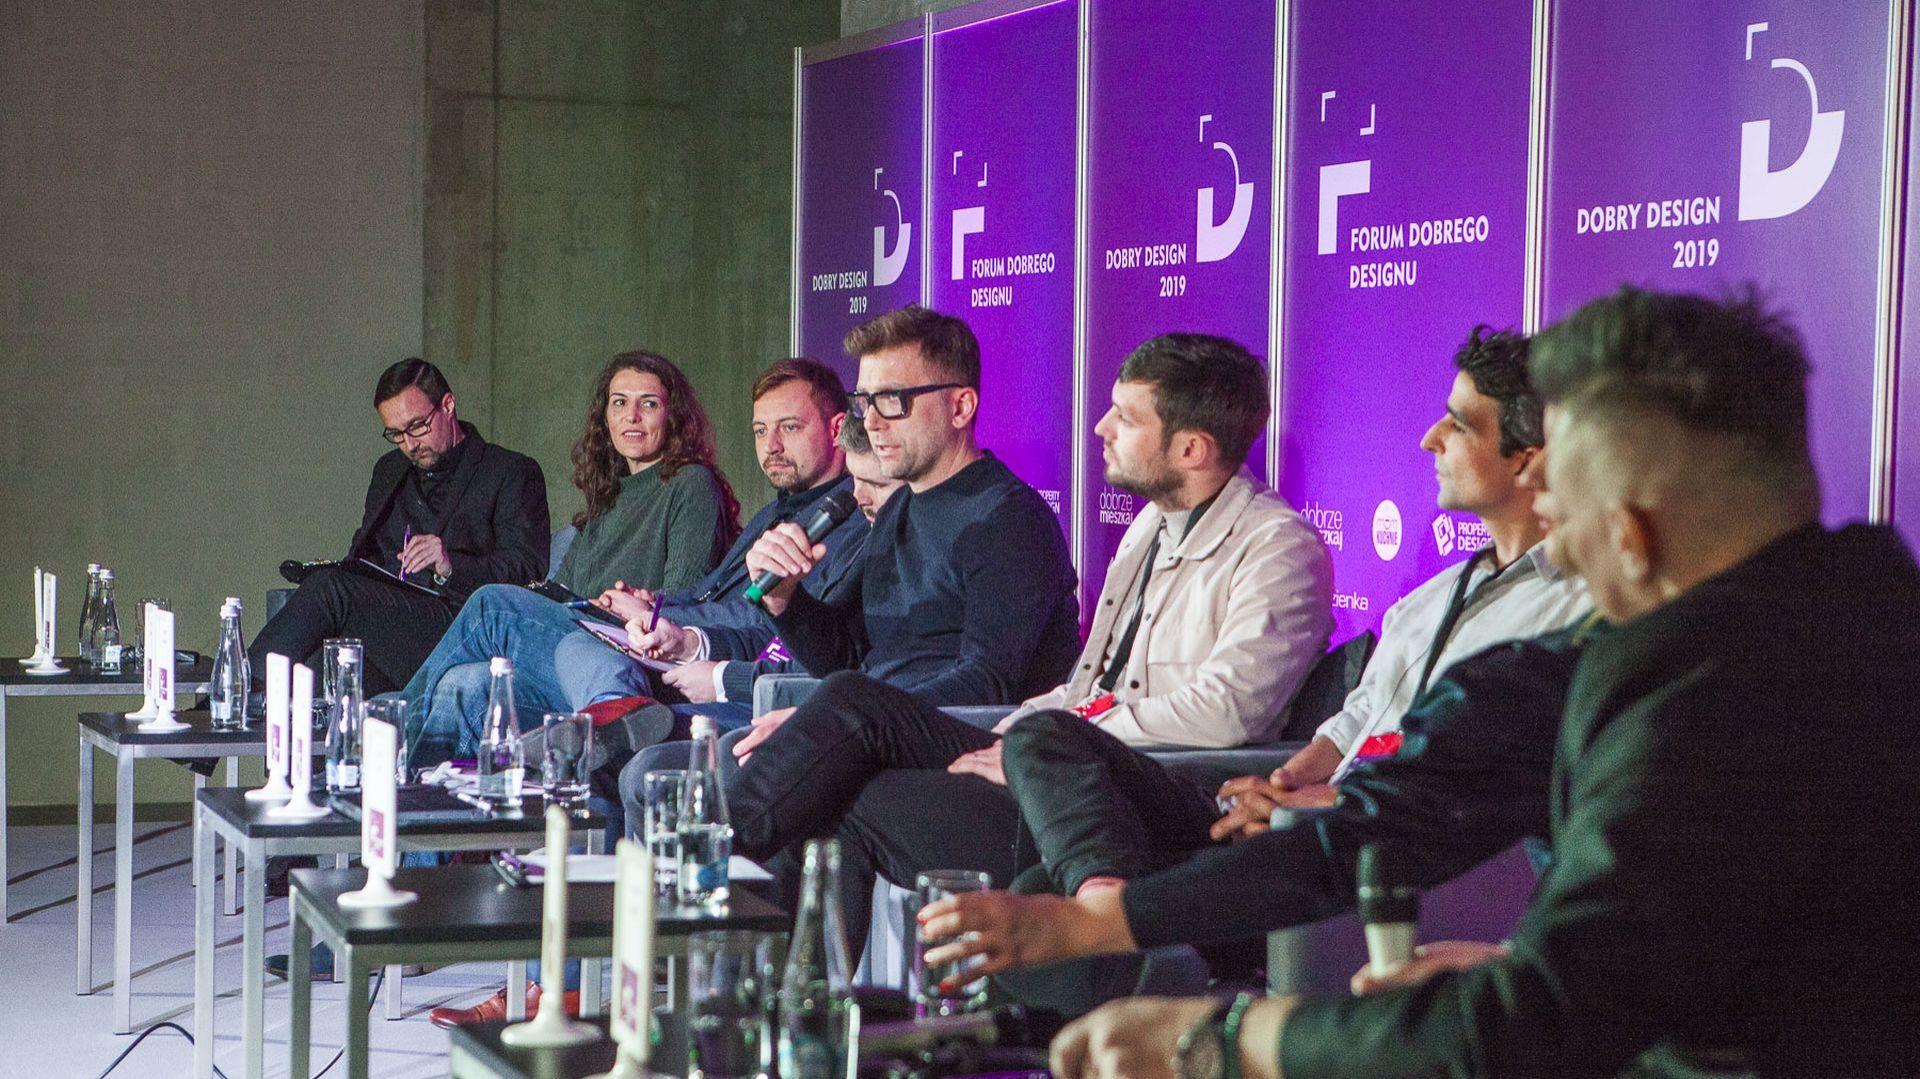 Sesja inaugurującą Forum Dobrego Designu 2018. Fot. Paweł Pawłowski/Marek Misiurewicz/PTWP